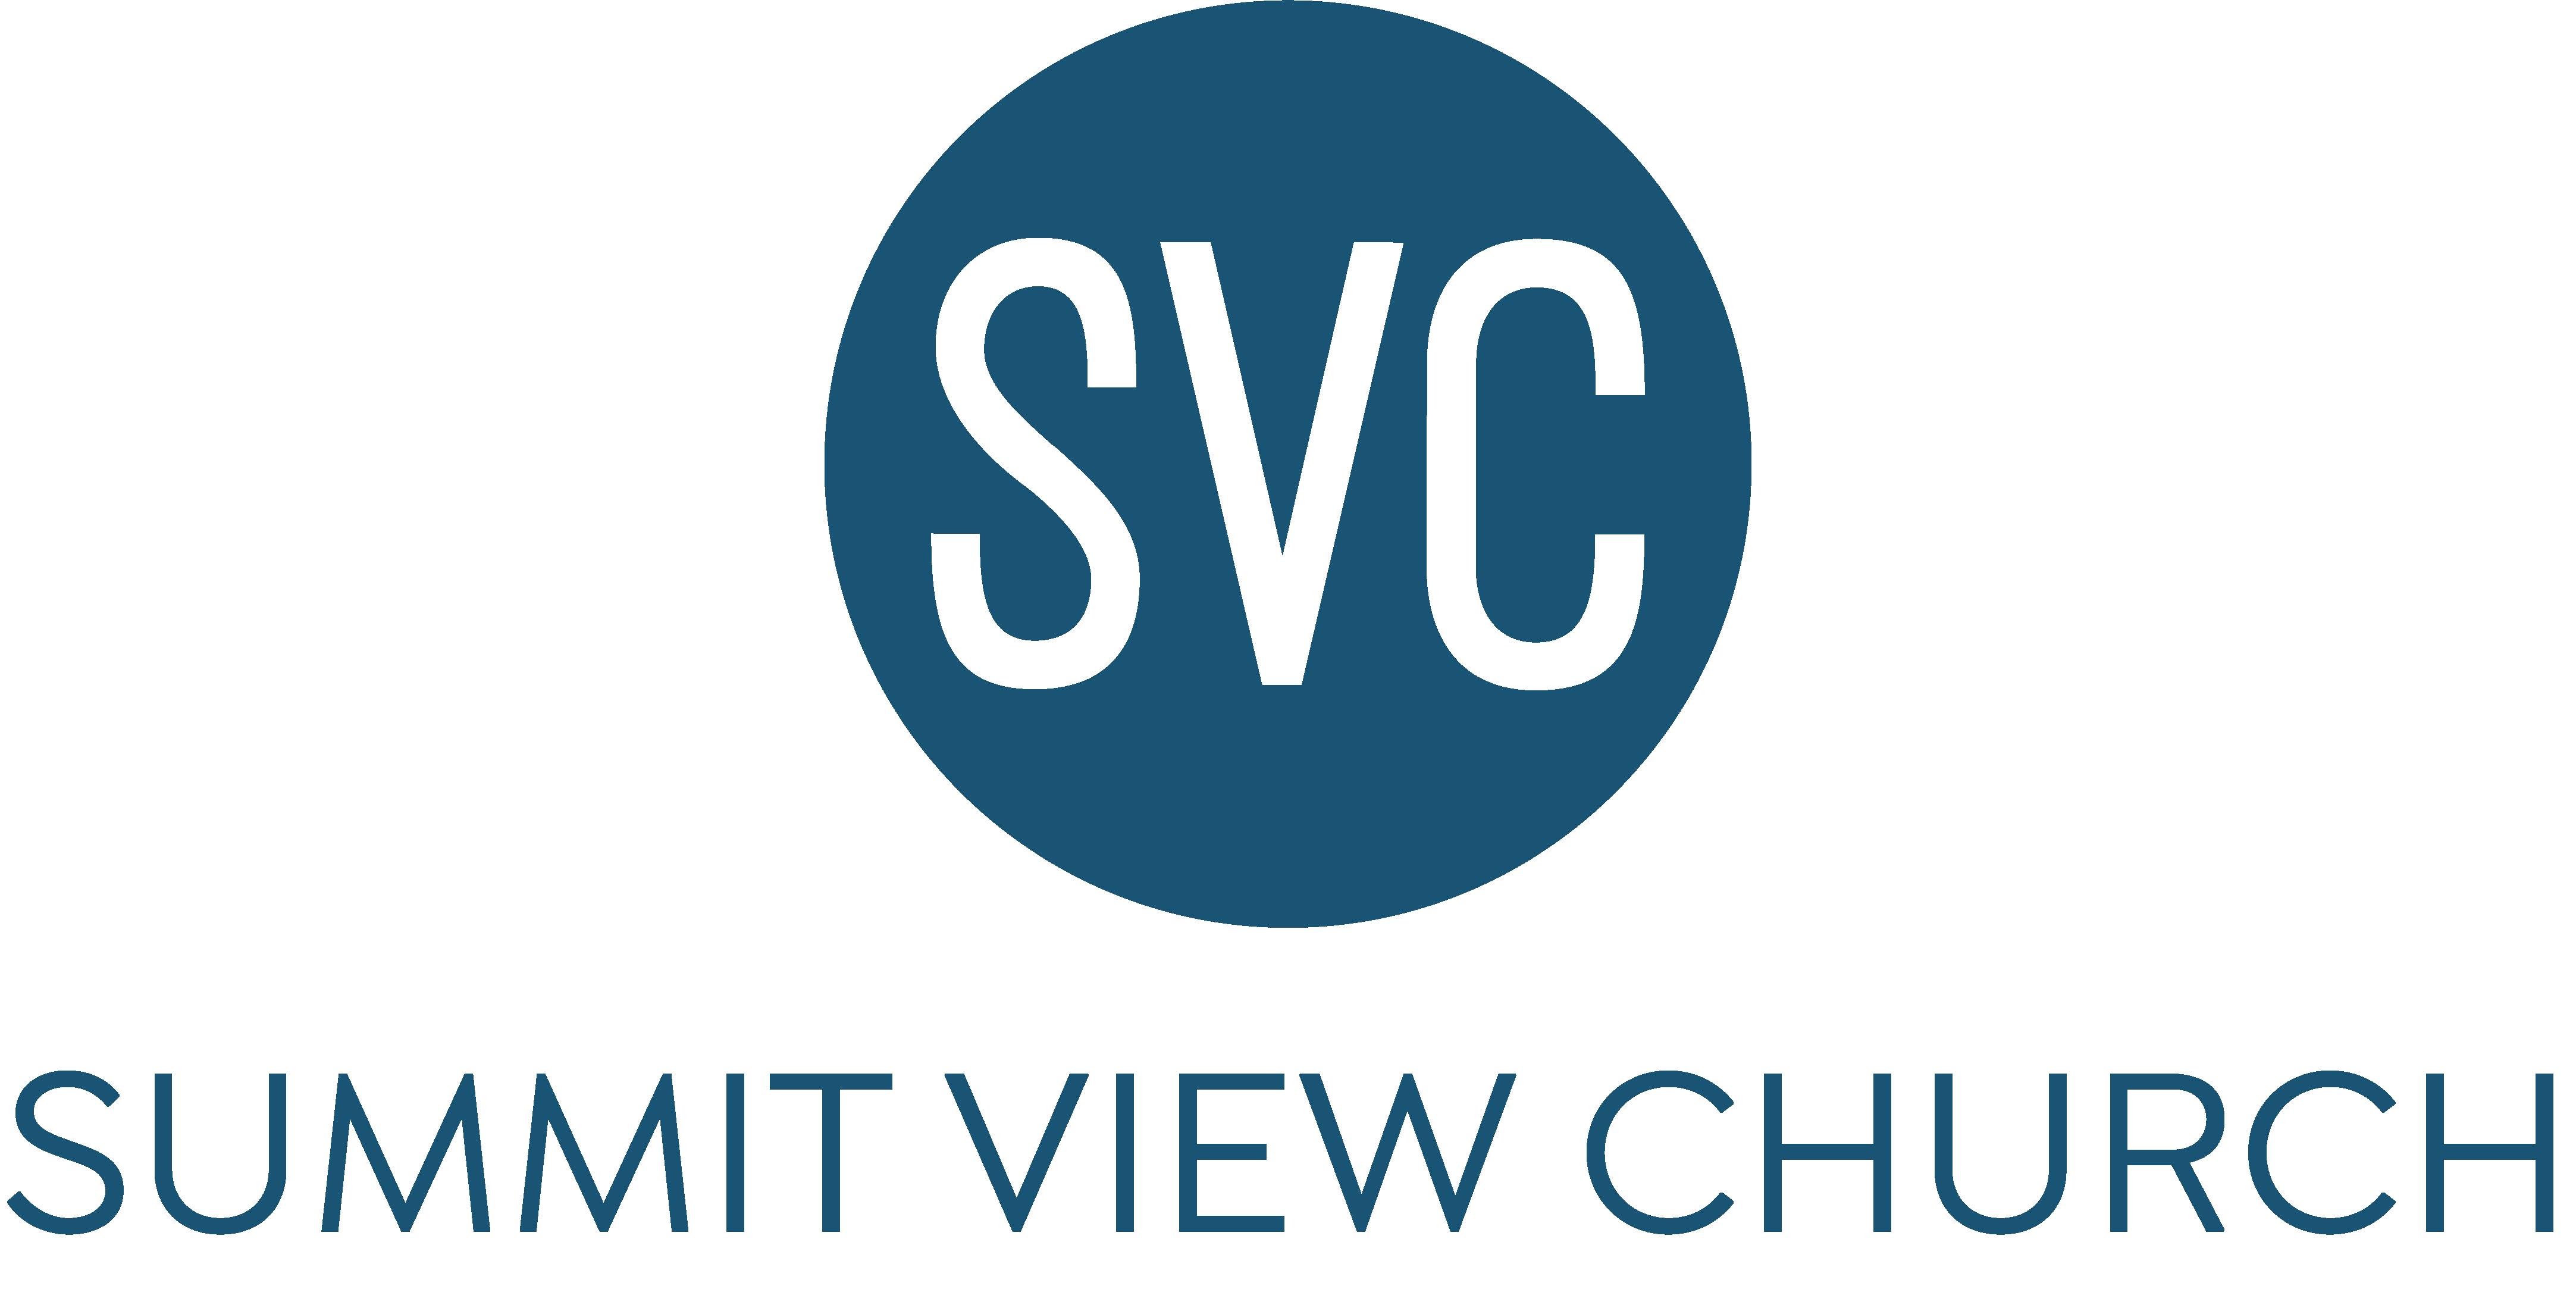 Summit View Church